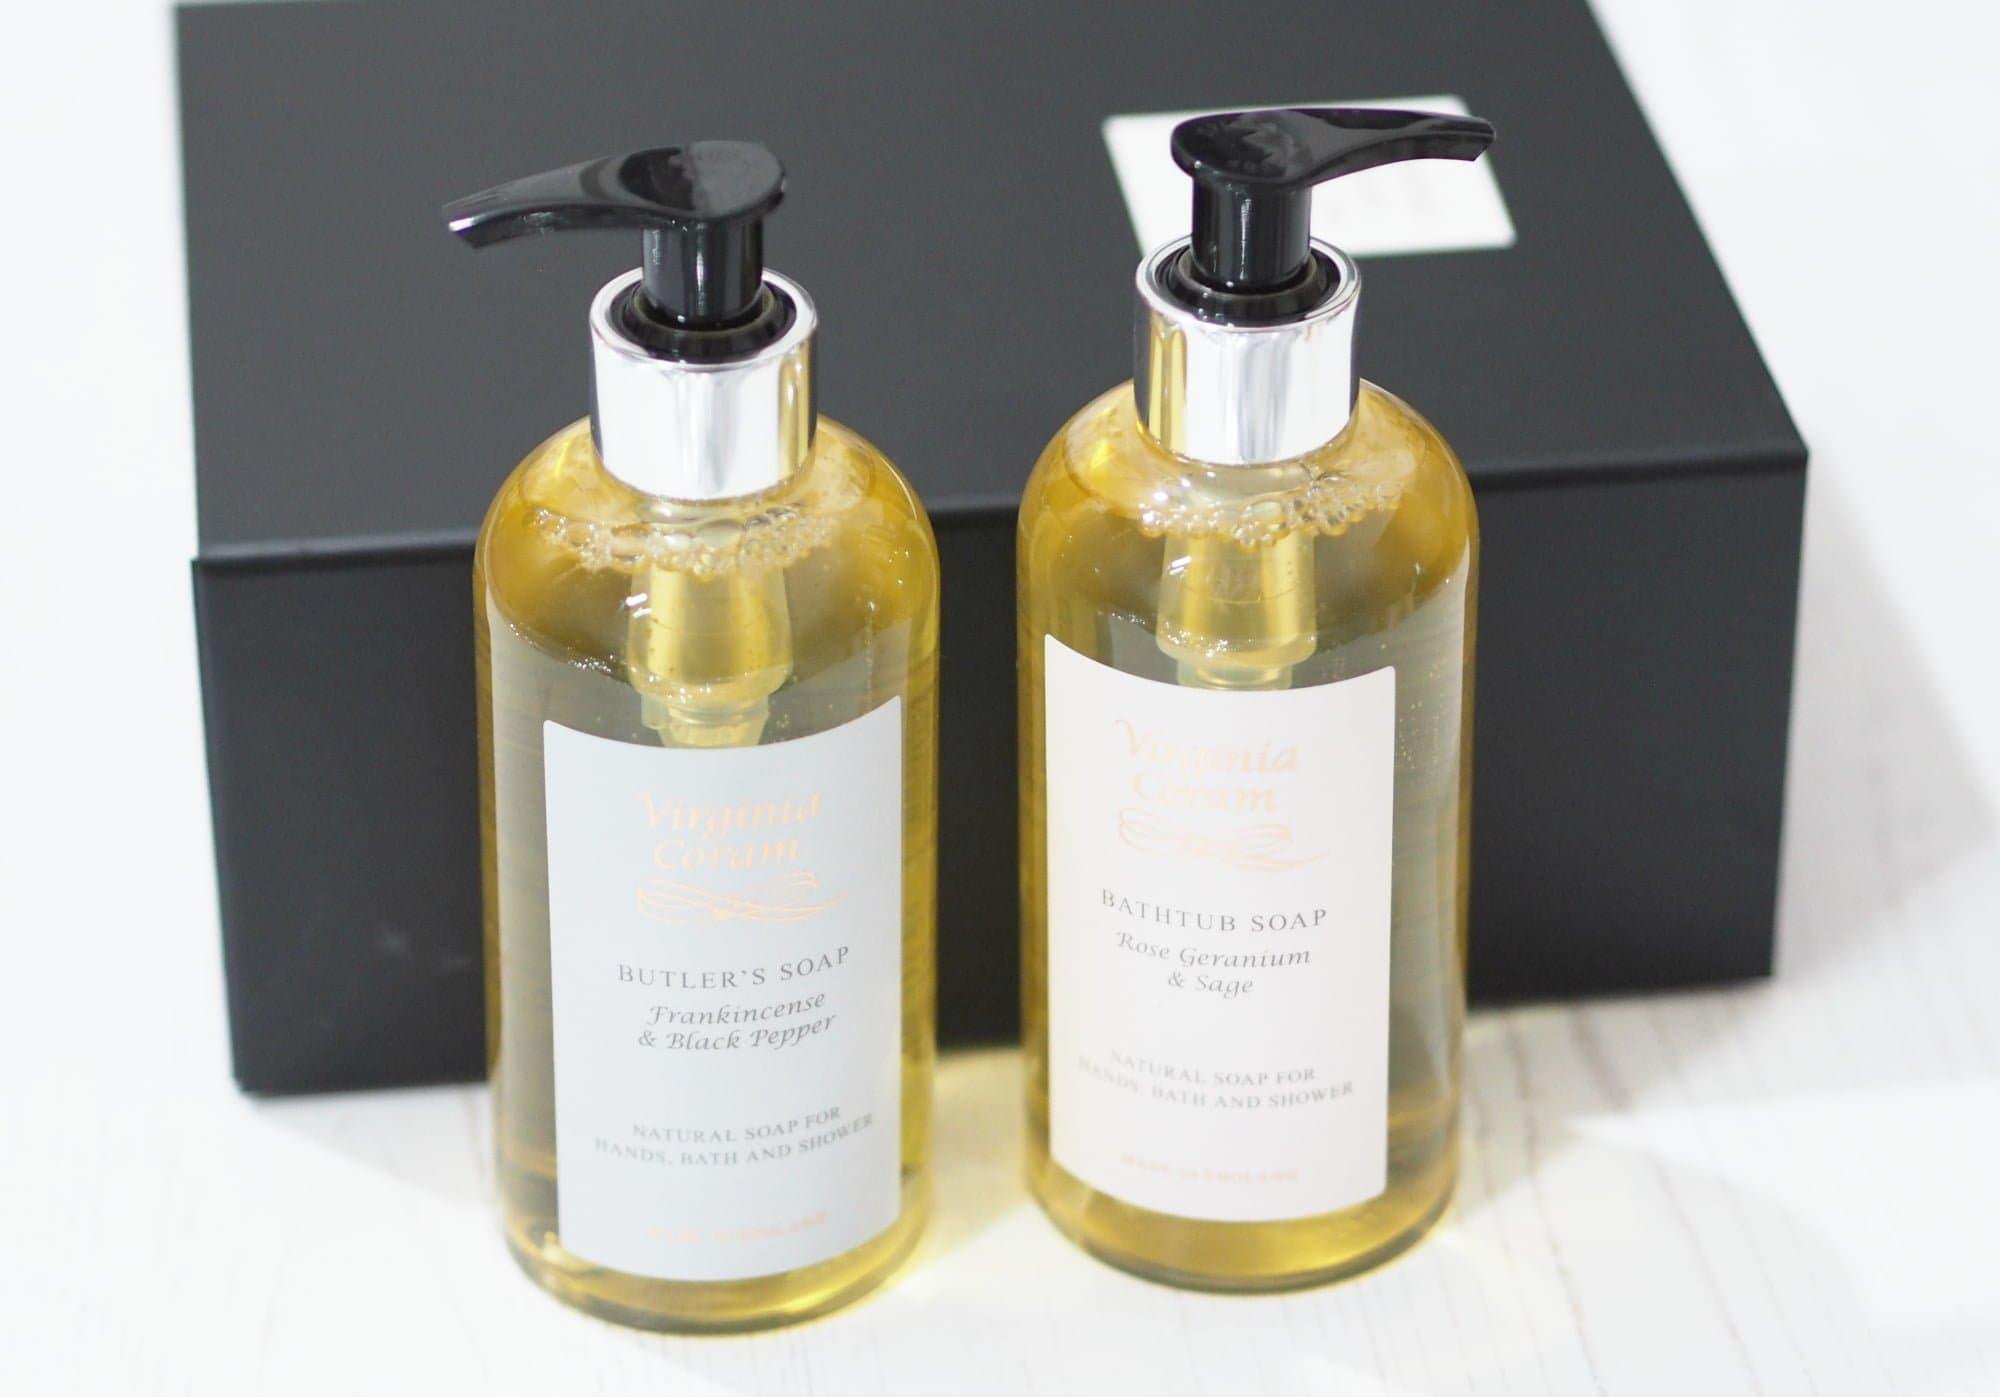 Virginia Coram Luxury Natural Soap